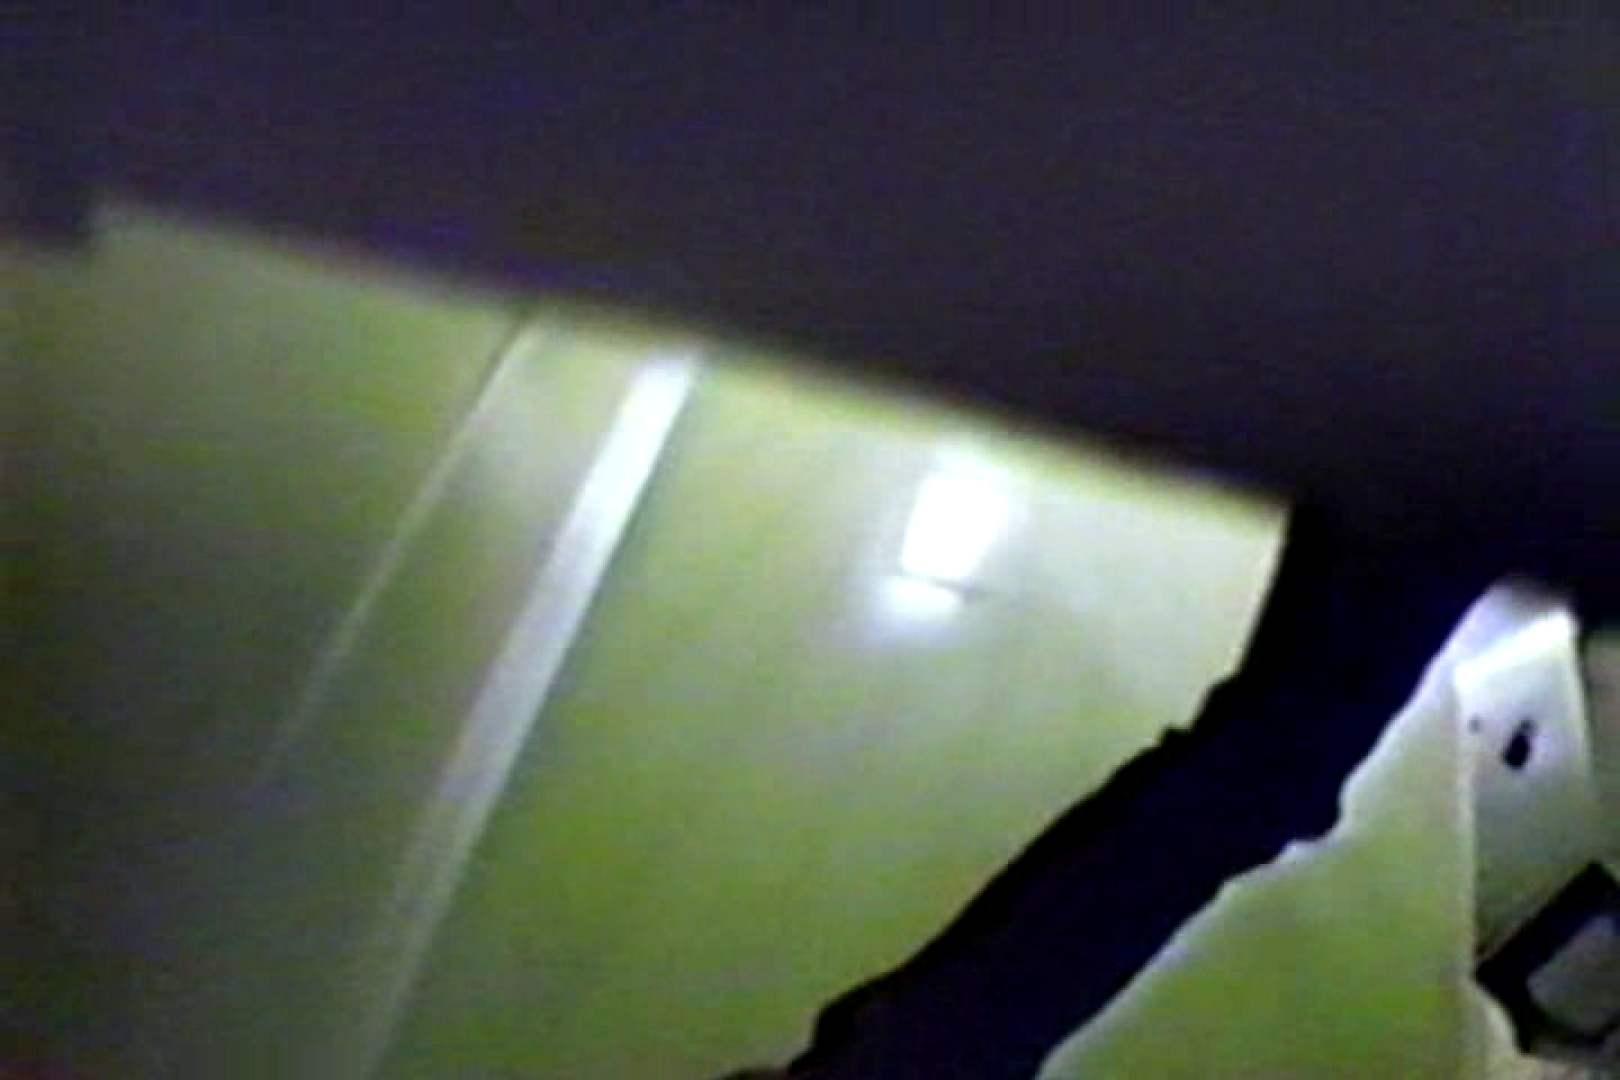 個室狂いのマニア映像Vol.1 おまんこ無修正  95画像 27